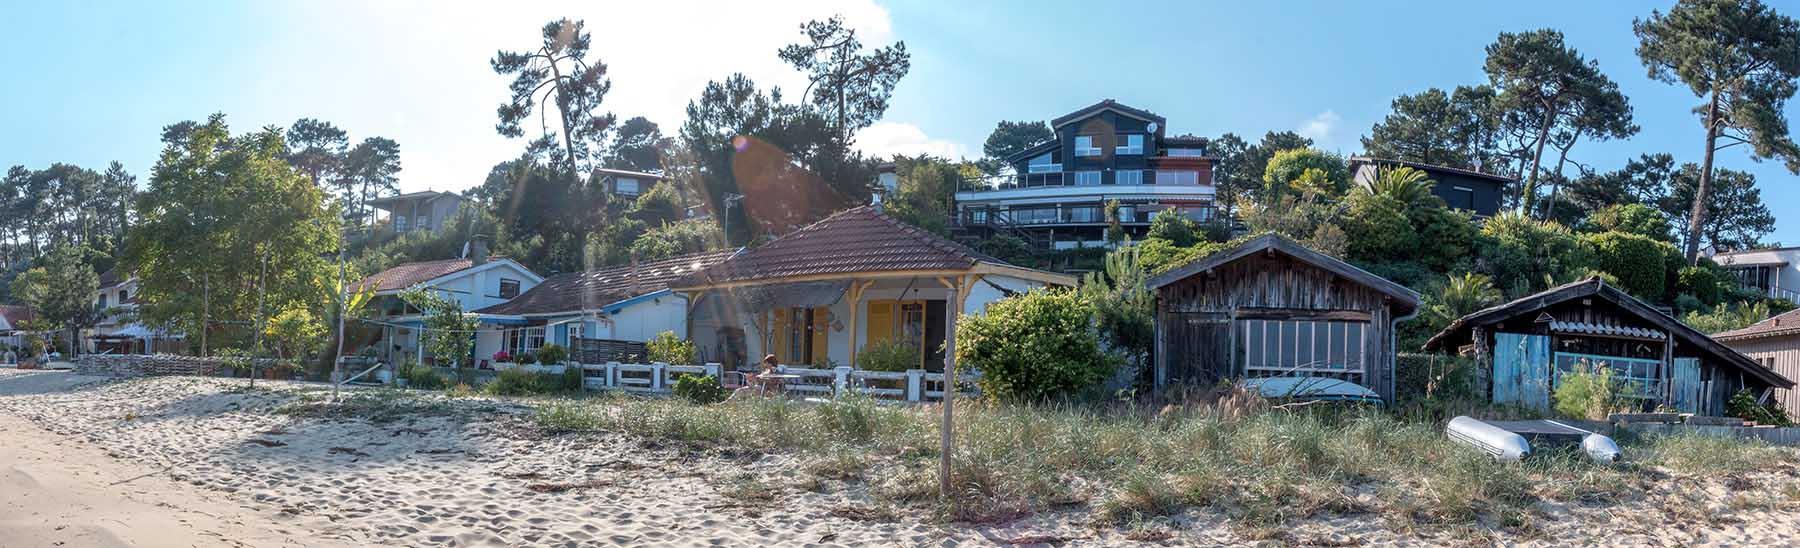 Cabanes sur la plage de Petit Piquey au Cap Ferret